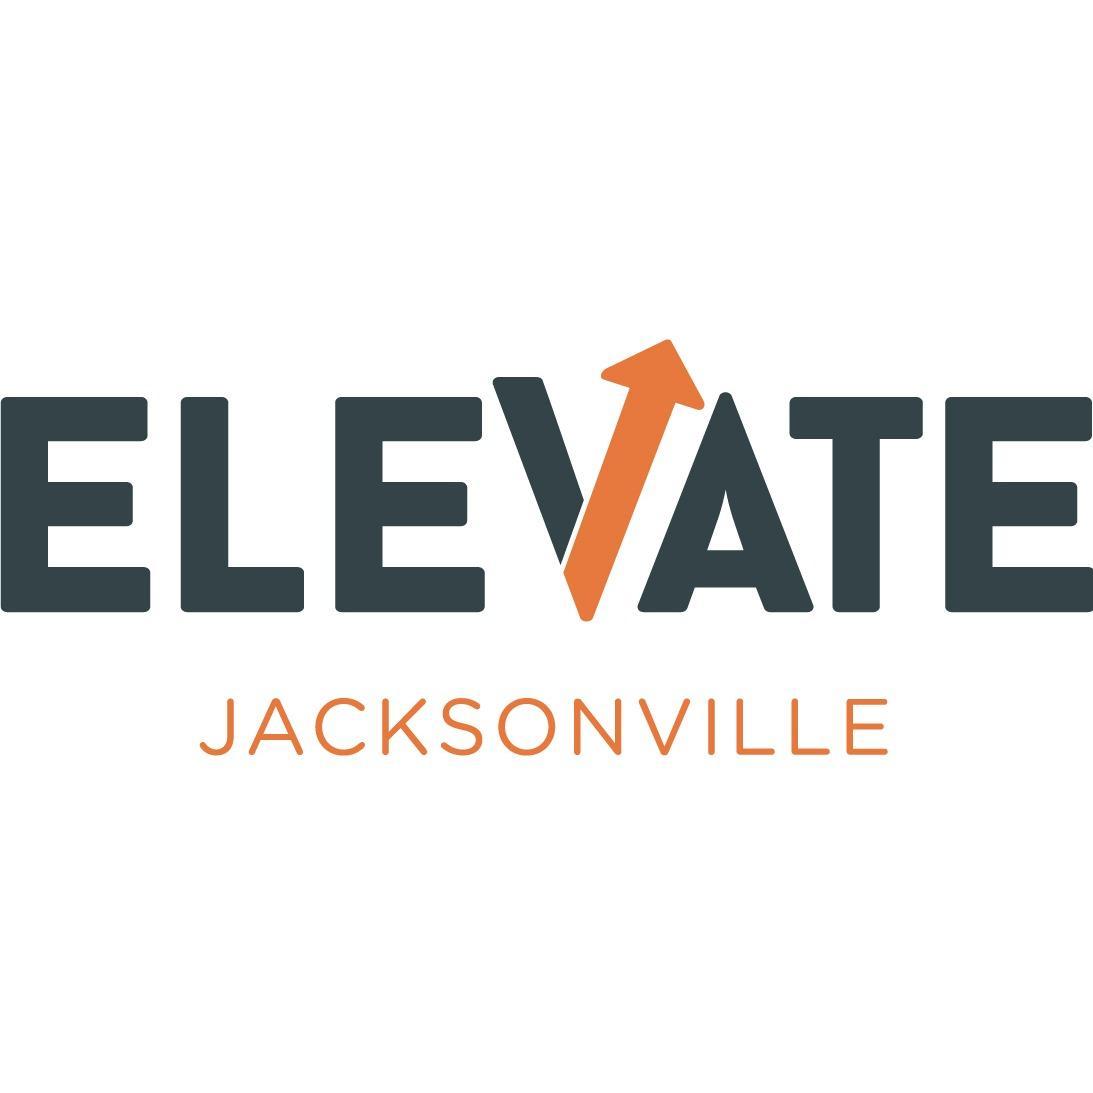 Elevate Jacksonville image 7